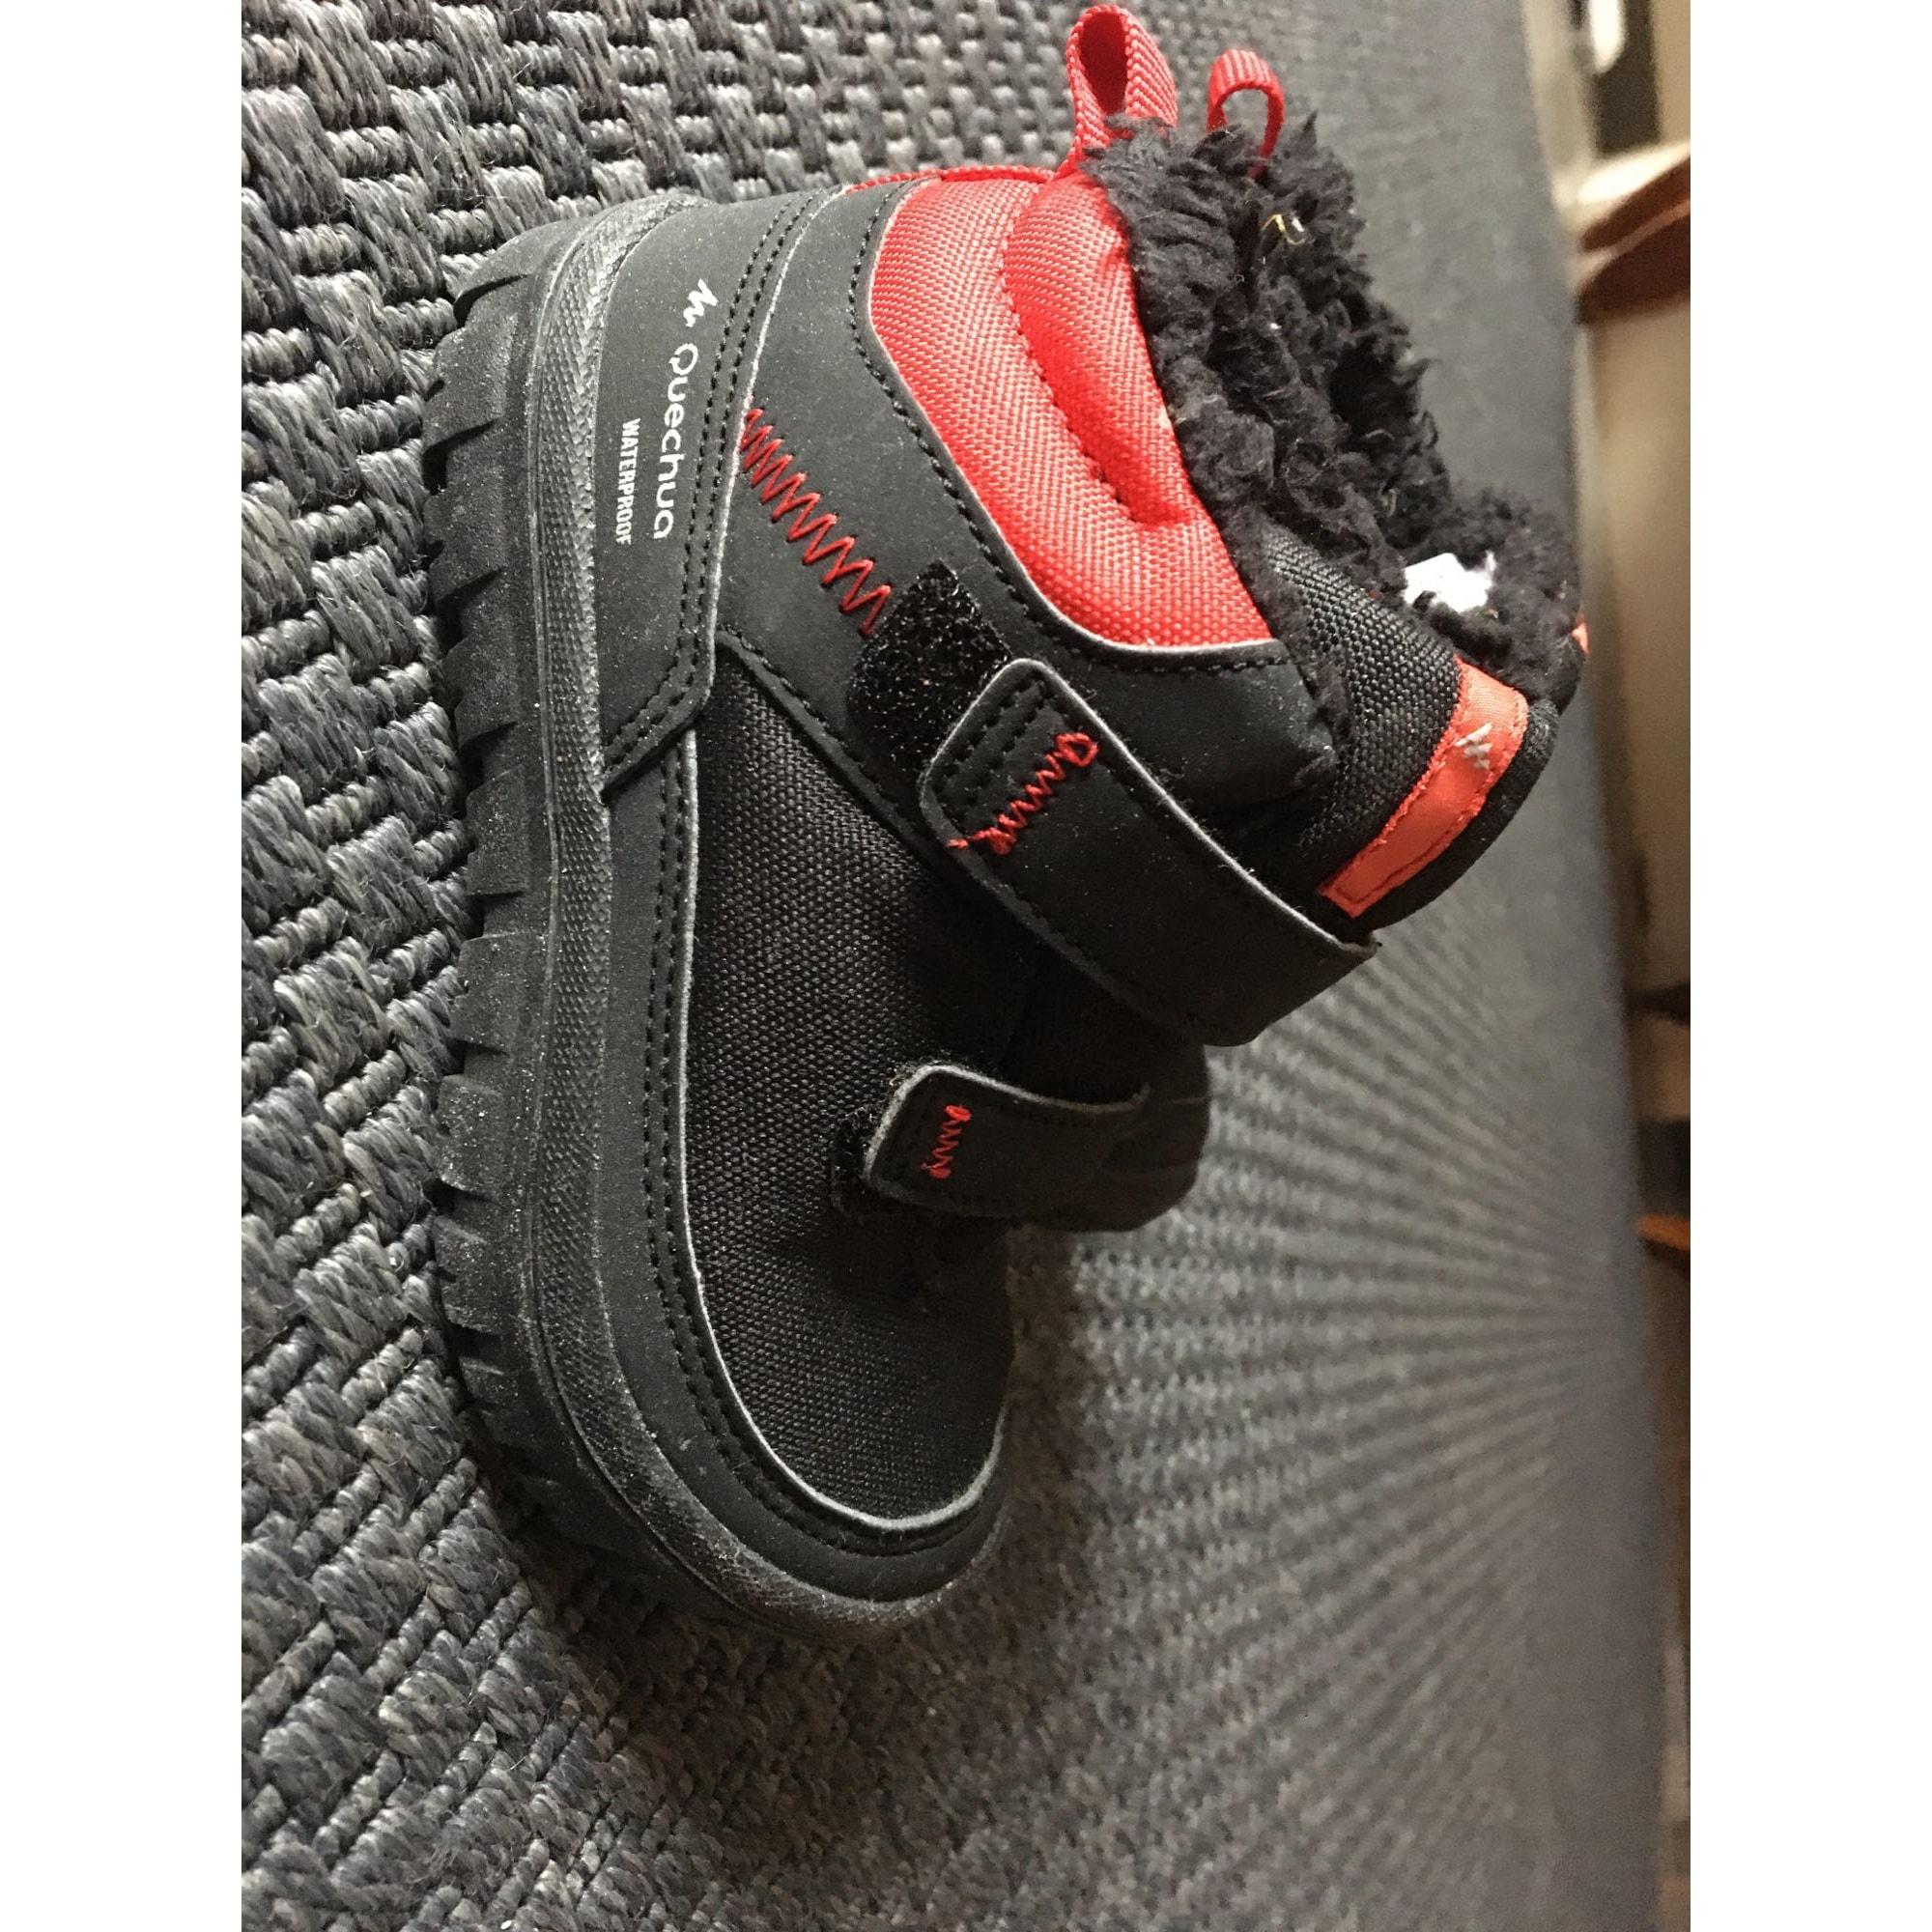 Ankle Boots QUECHUA Black